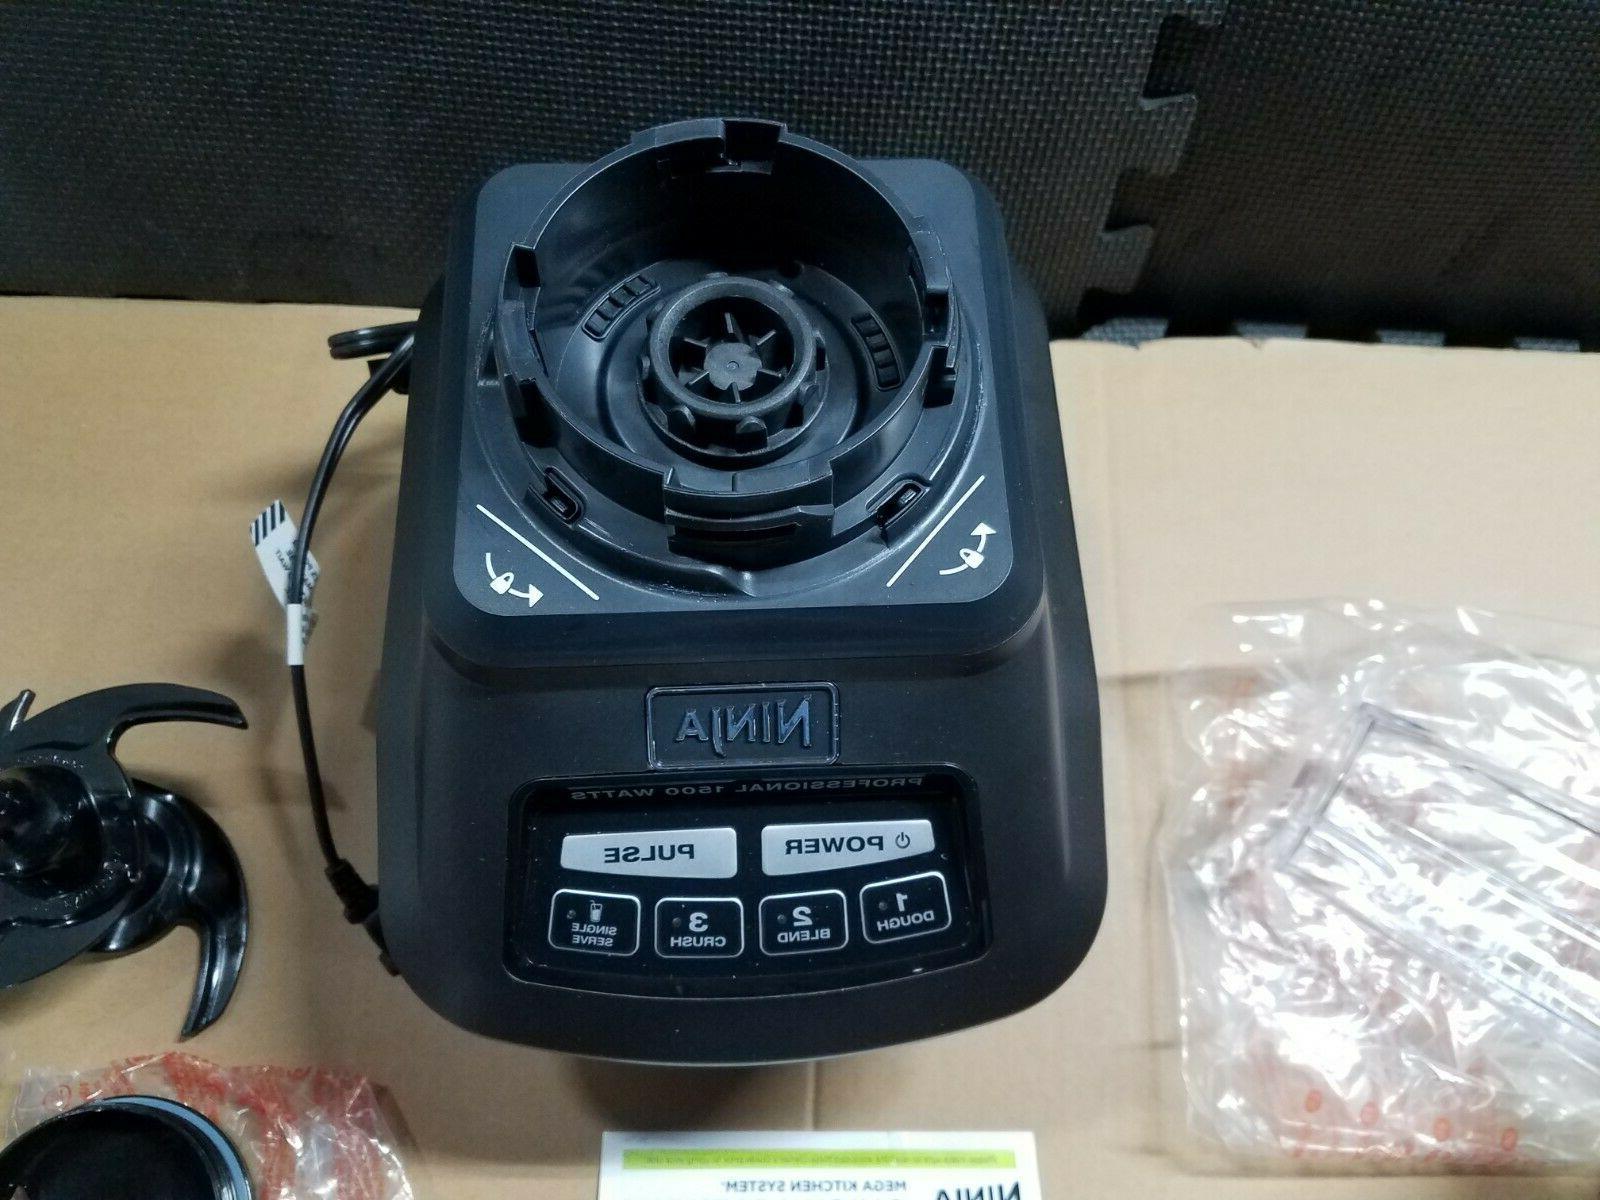 Ninja Mega Kitchen System Blender and Processor with